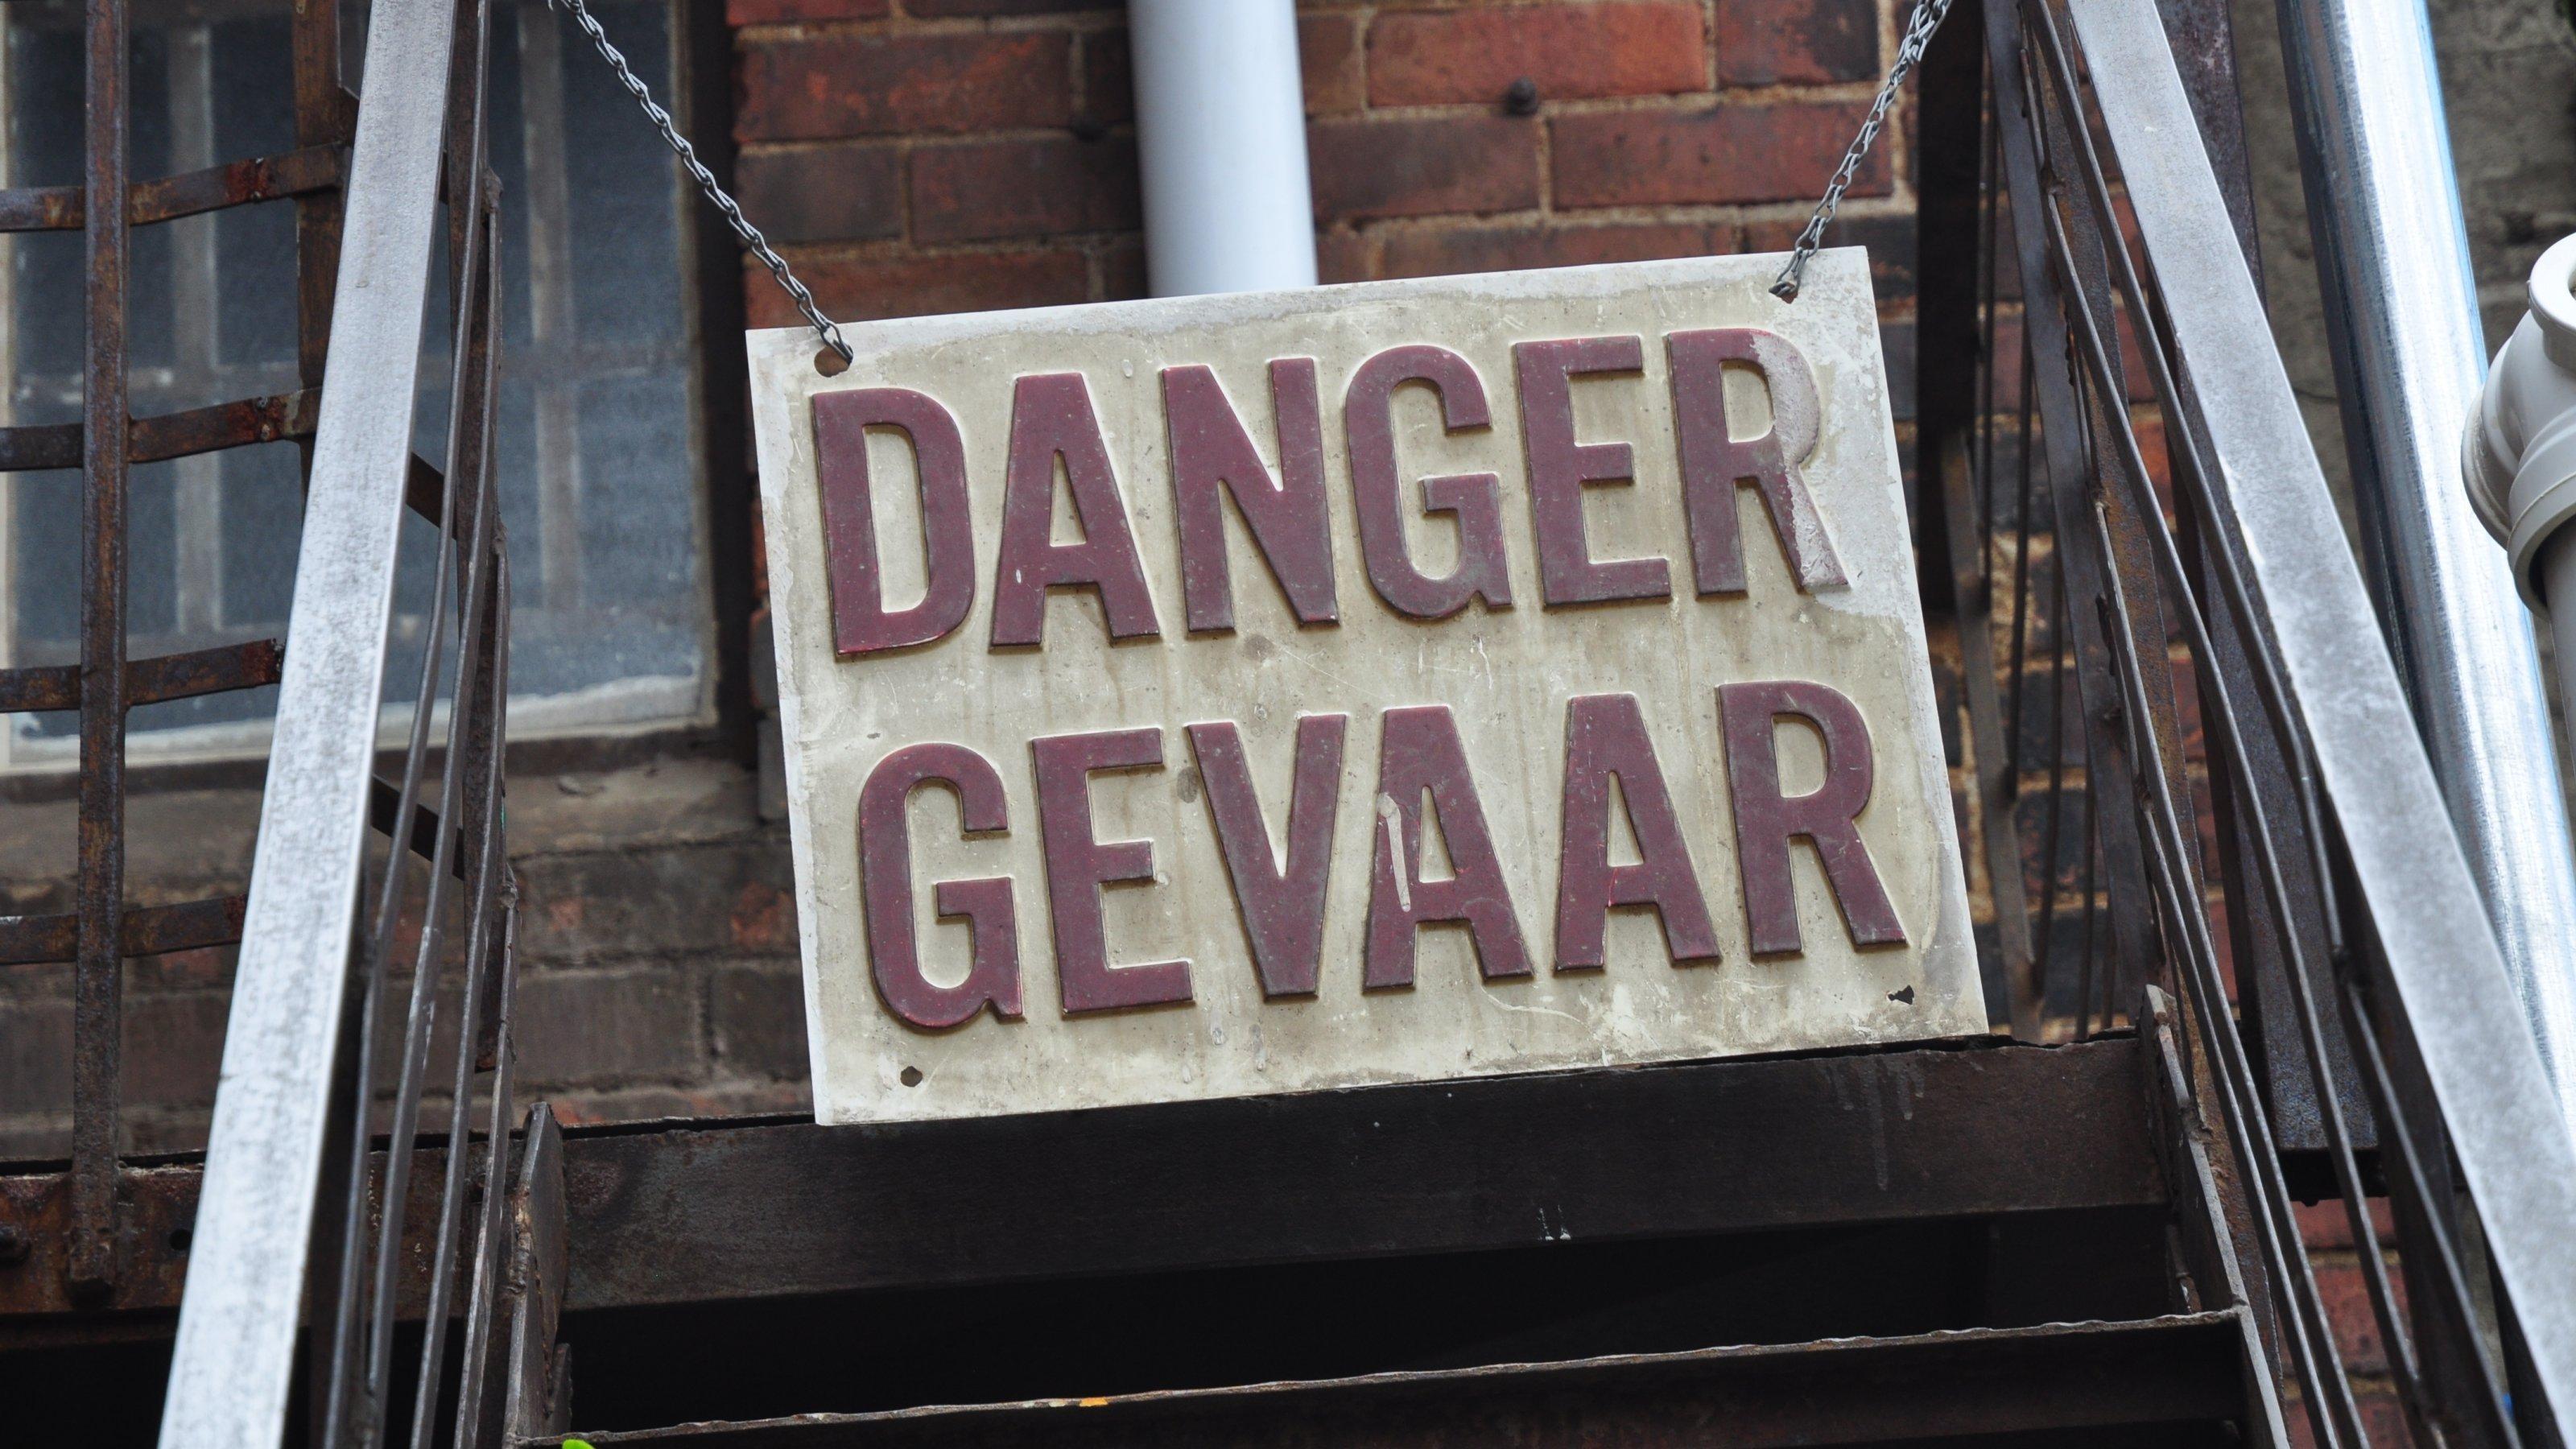 Das Foto zeigt ein Schild, das einen Treppenaufgang versperrt, mit der Aufschrift: Danger. Gefahr.